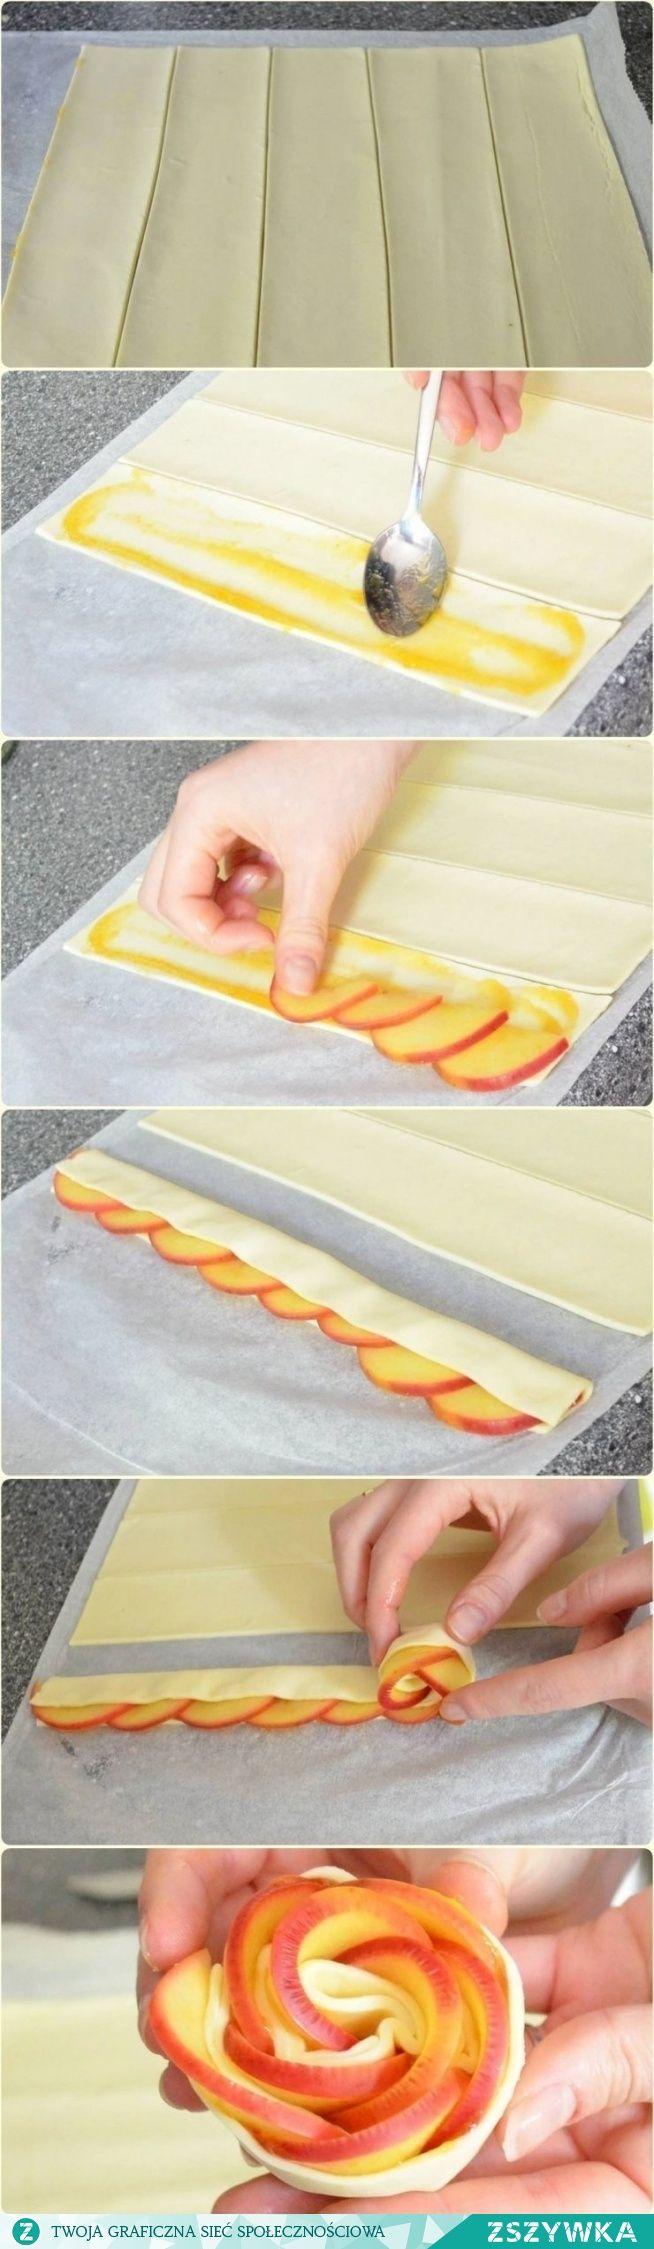 Zobacz zdjęcie Jabłkowe róże w cieście francuskim Składniki 2 blaty gotowego ciasta francuskiego 4 jabłka 2 łyżki dżemu morelowego 2 łyżki cukru 1 cytryna (sok) Sposób przygotowania Ciasto francuskie wyciągnąć z lodówki na około 10 minut przed przystąpieniem do przygotowywania ciastek. W międzyczasie umyć jabłka, przekroić na połówki i pozbawić gniazd nasiennych. NIE obierać ze skórki! Połówki jabłek pokroić na plasterki o szerokości około 2 mm. Pokrojone jabłka umieścić w rondelku, zalać…